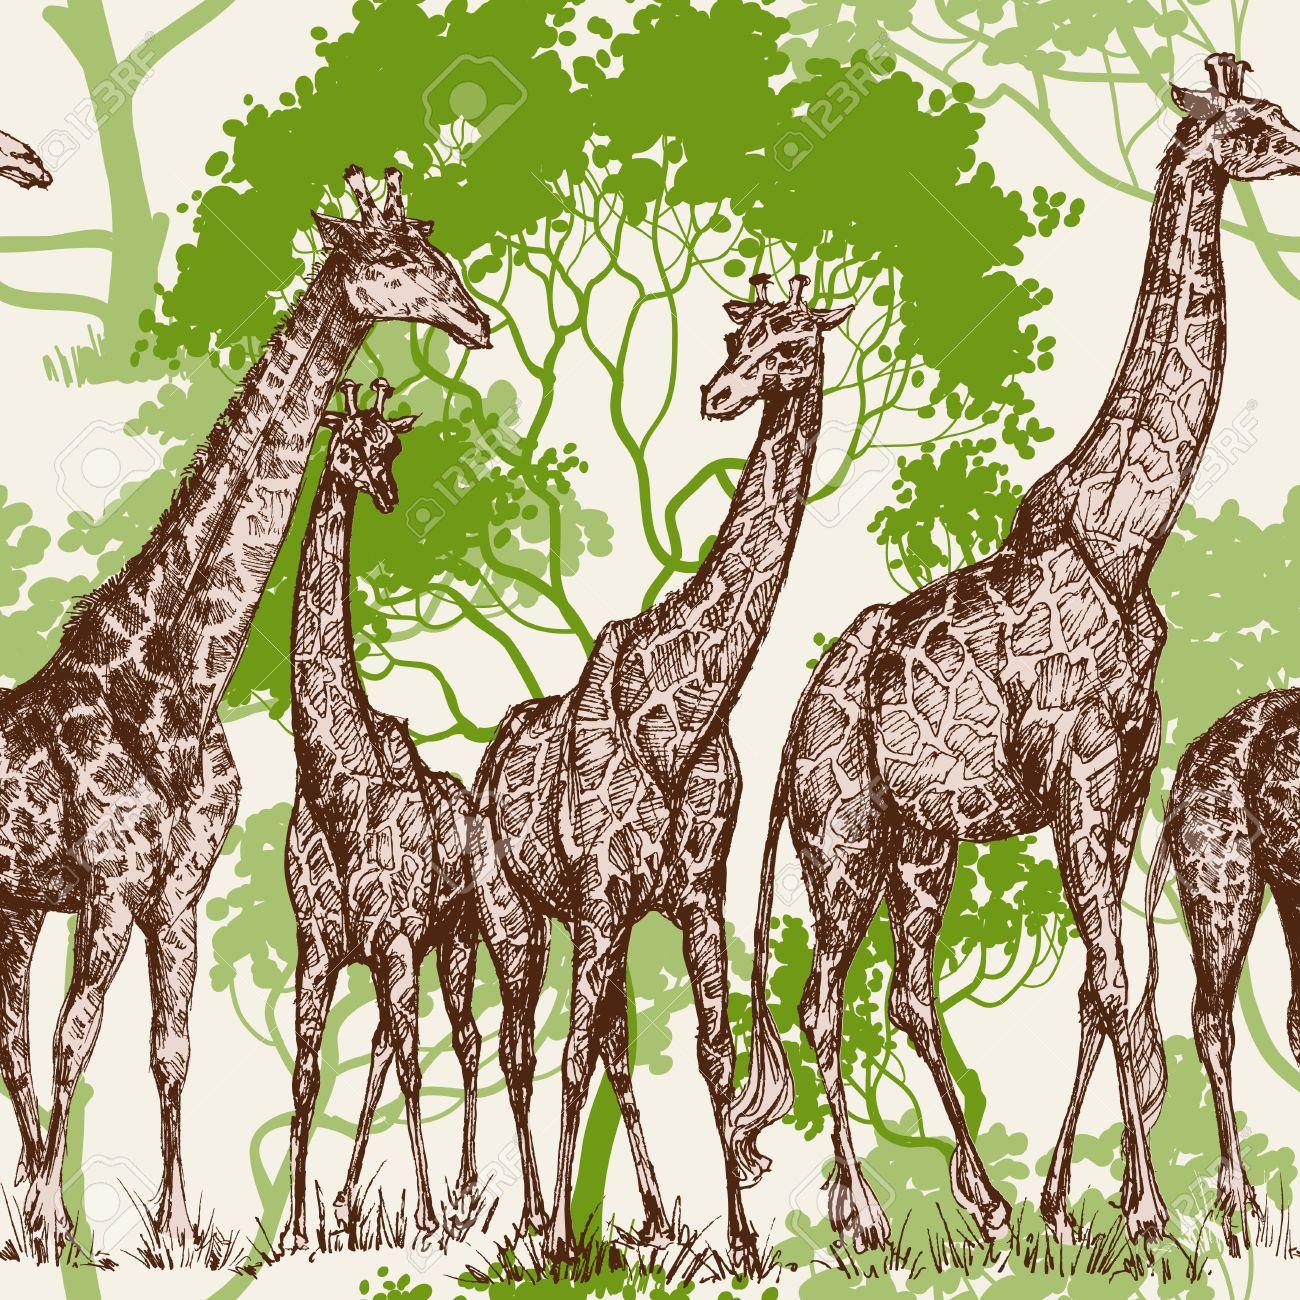 動物のプリント サファリ壁紙 荒野のパターンでキリンのイラスト素材 ベクタ Image